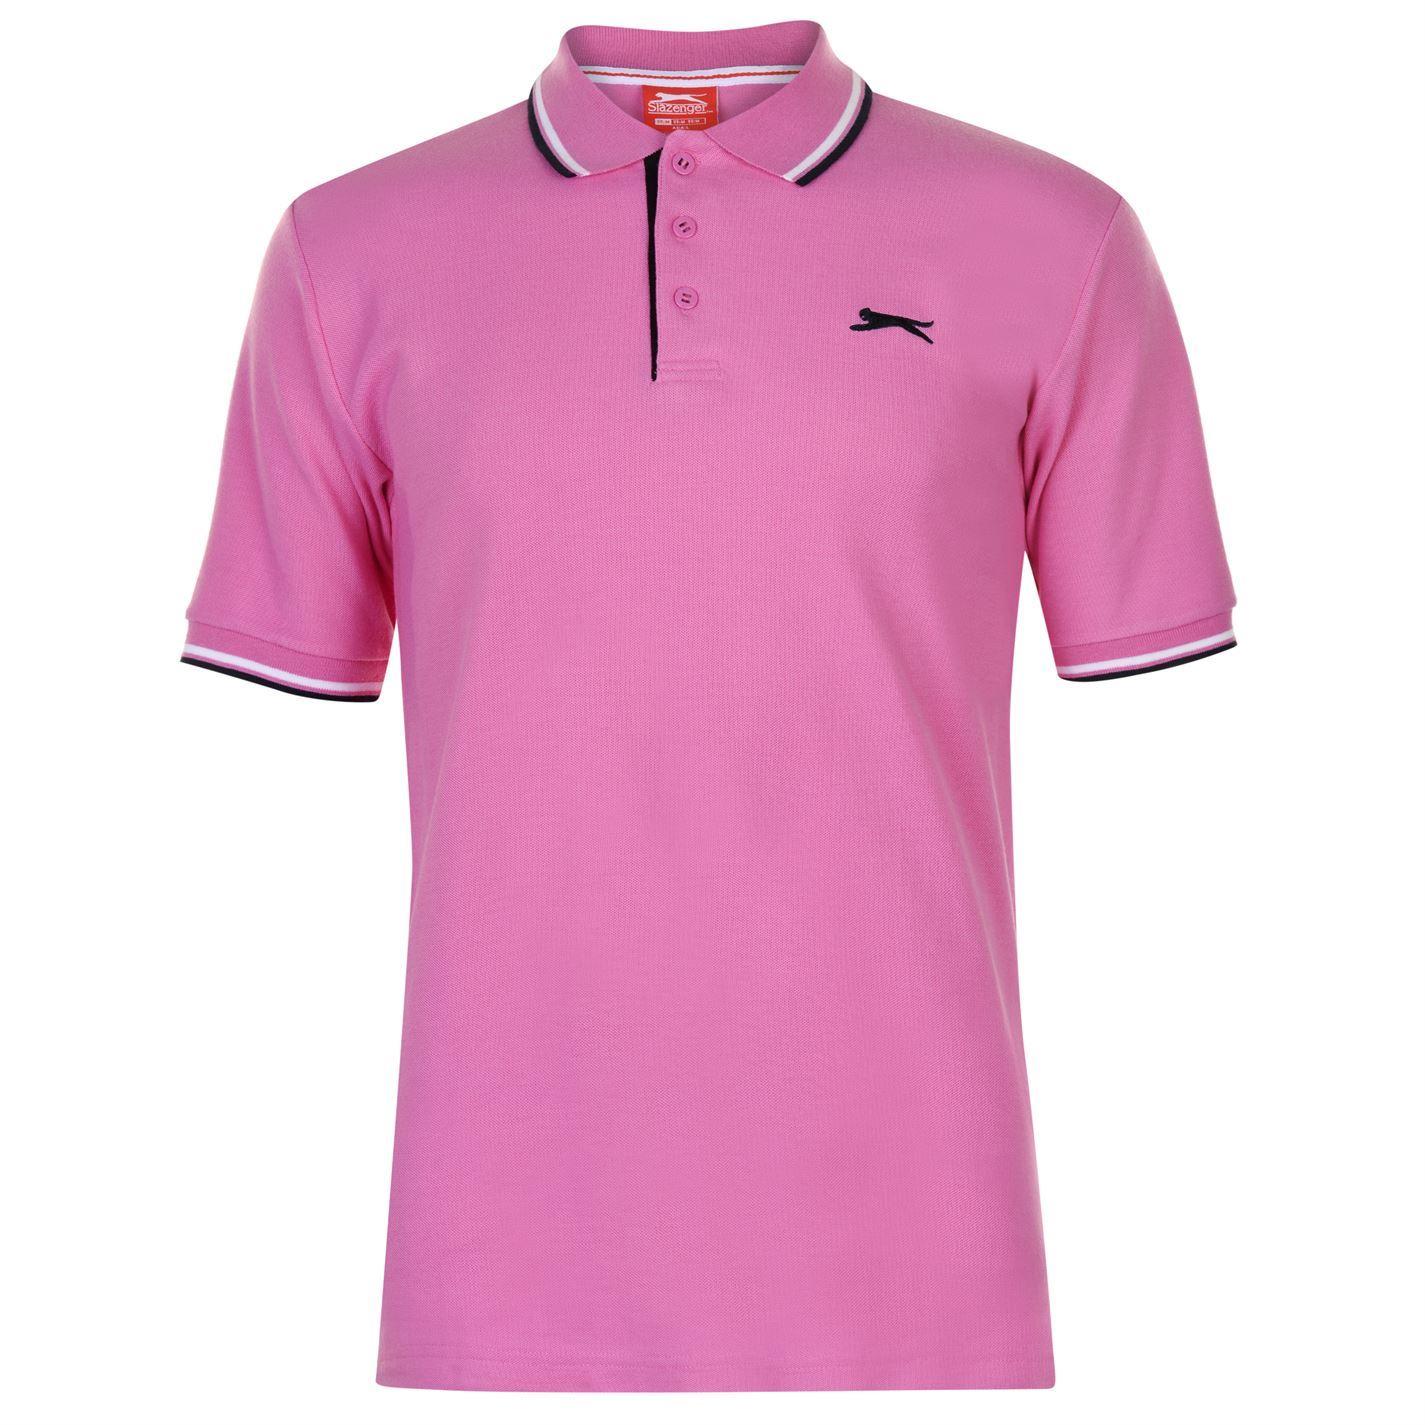 Slazenger-Polo-Camisa-de-hombre-con-cuello-con-Punta-T-Shirt-Top-Camiseta-Tee miniatura 18